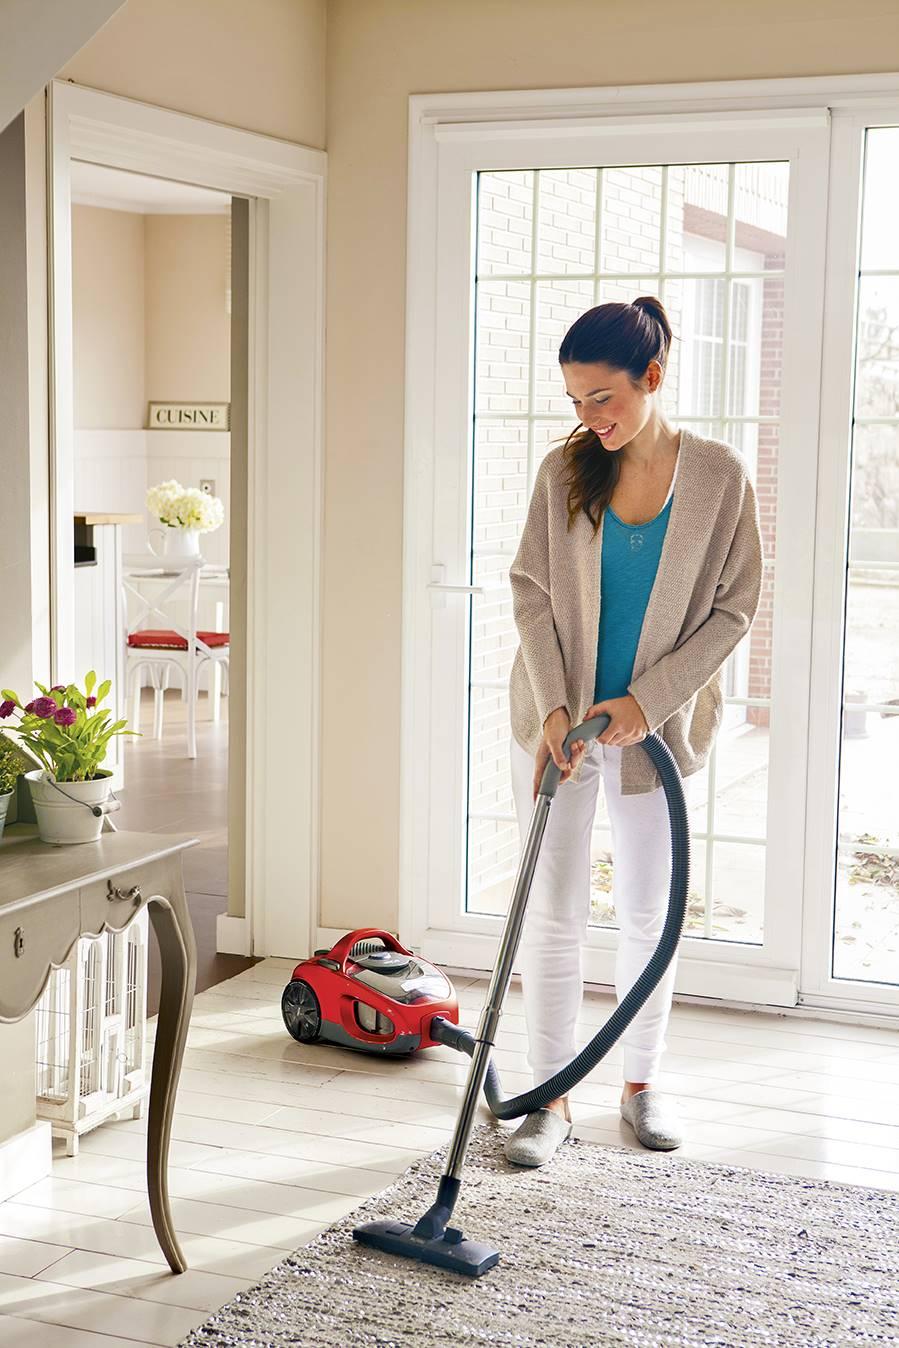 Chica con aspirador limpiando el recibidor_392982. Empezar de abajo hacia arriba